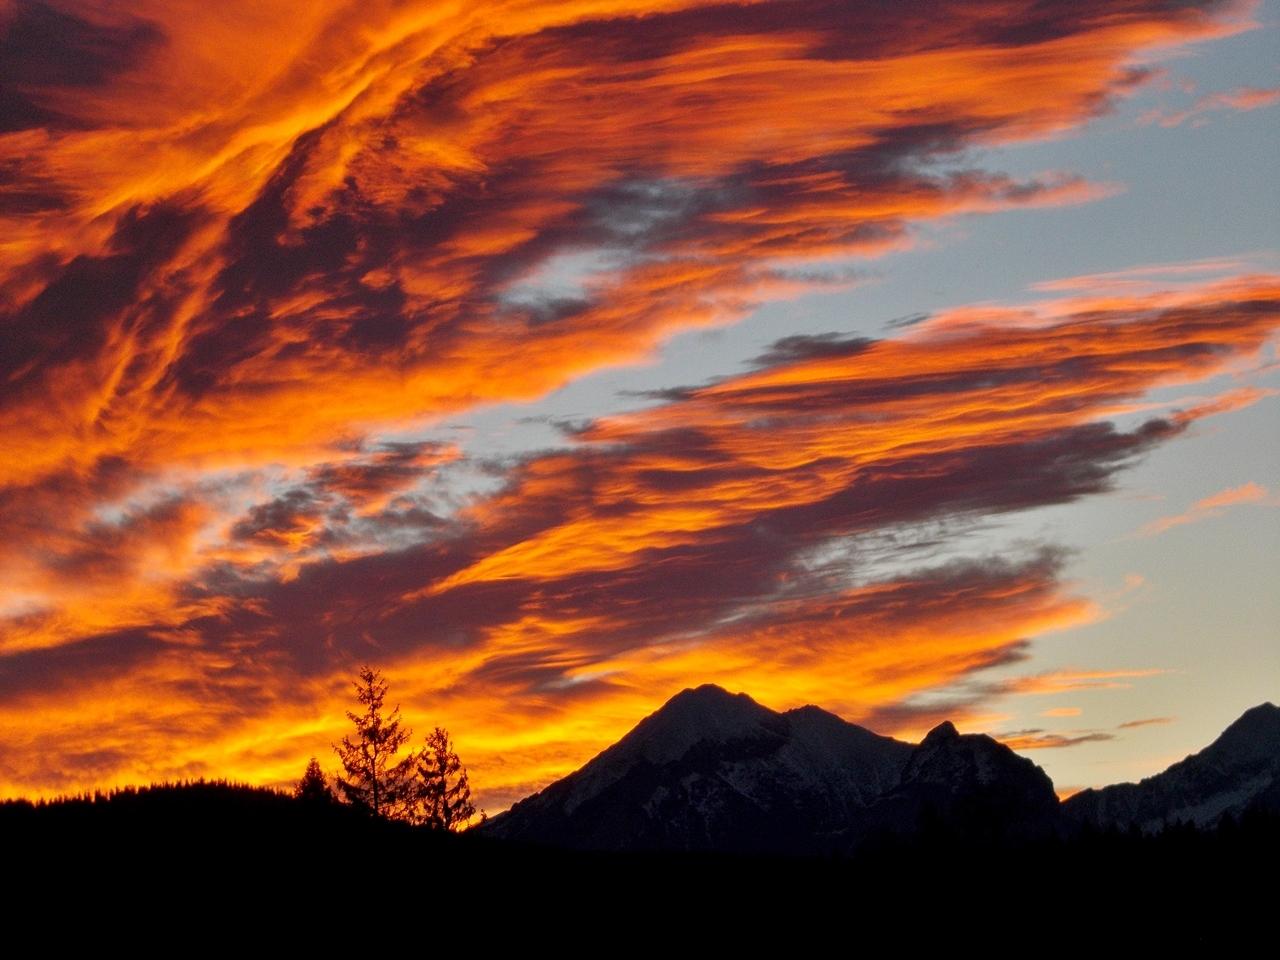 Płoną góry,płoną lasy,po zdzierałam dziś obcasy..:)) Idę sobie spać,jutro trzeba rano wstać,by u Smoka wysprzątać.:))Miłych snuff,jutro wtorek,więc uśmiechu pełen worek życzę.:))